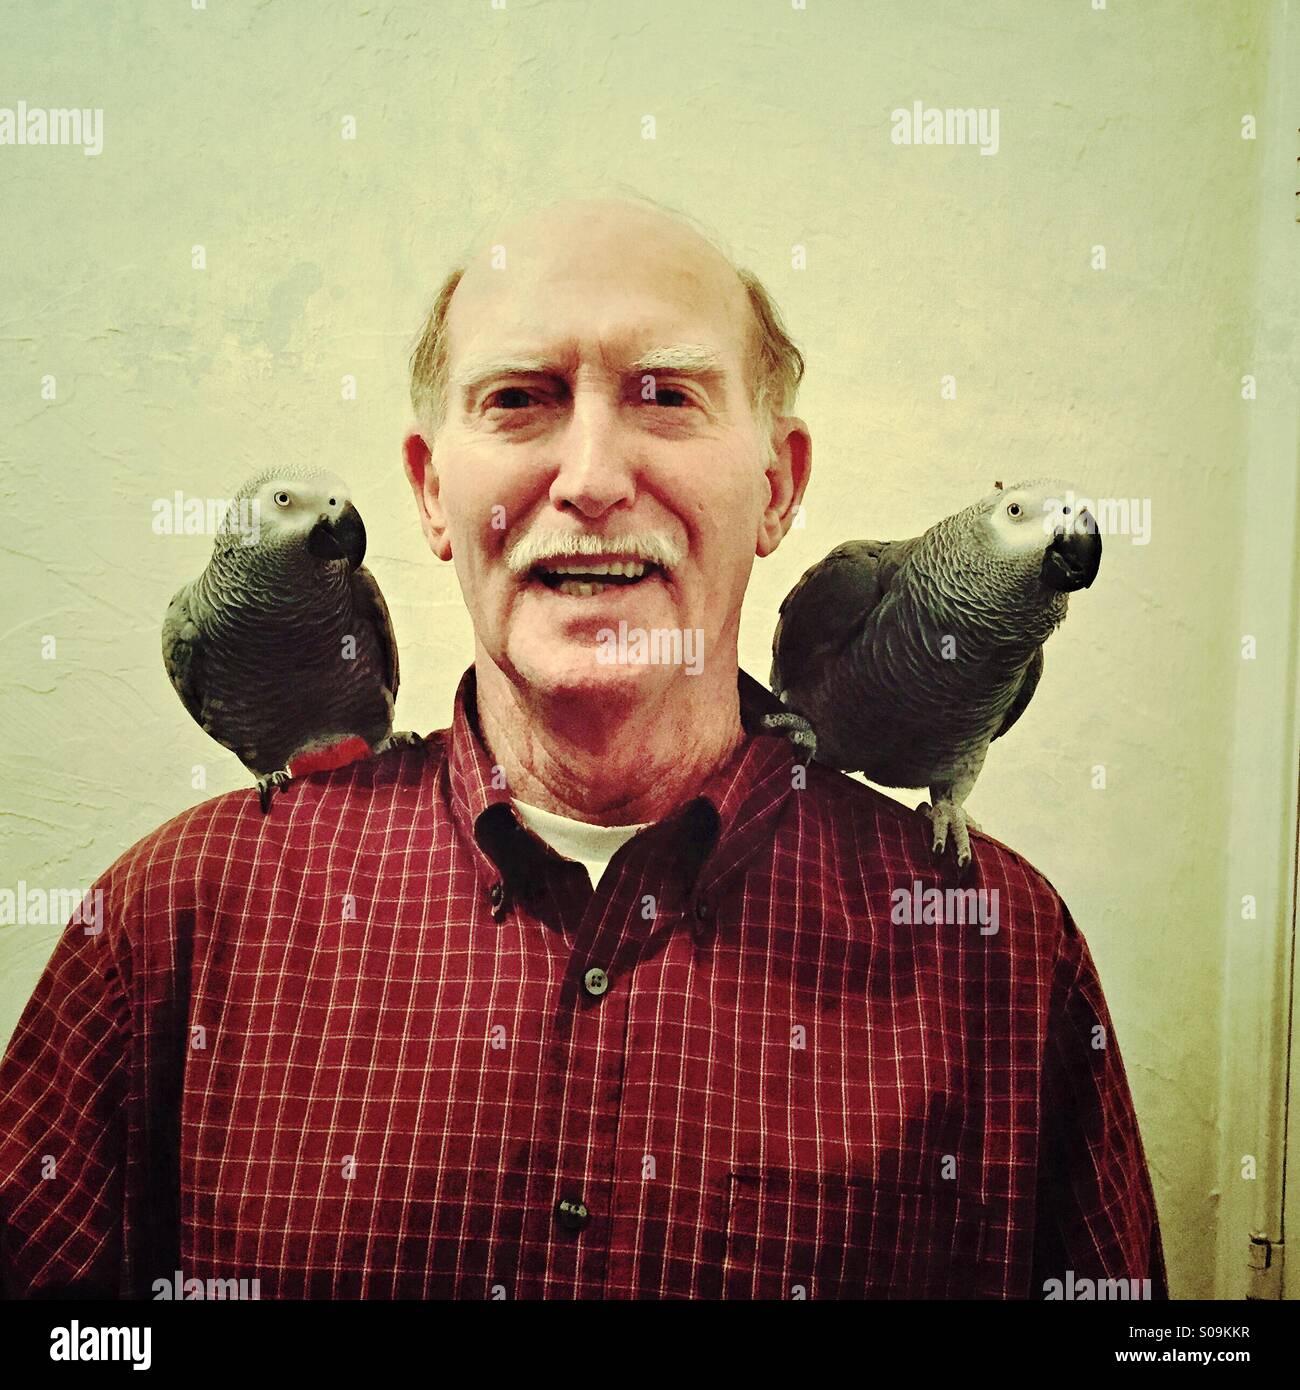 Ein senior kaukasischen Mann lächelt während seiner zwei afrikanischen grau Papageien auf seinen Schultern Stockbild